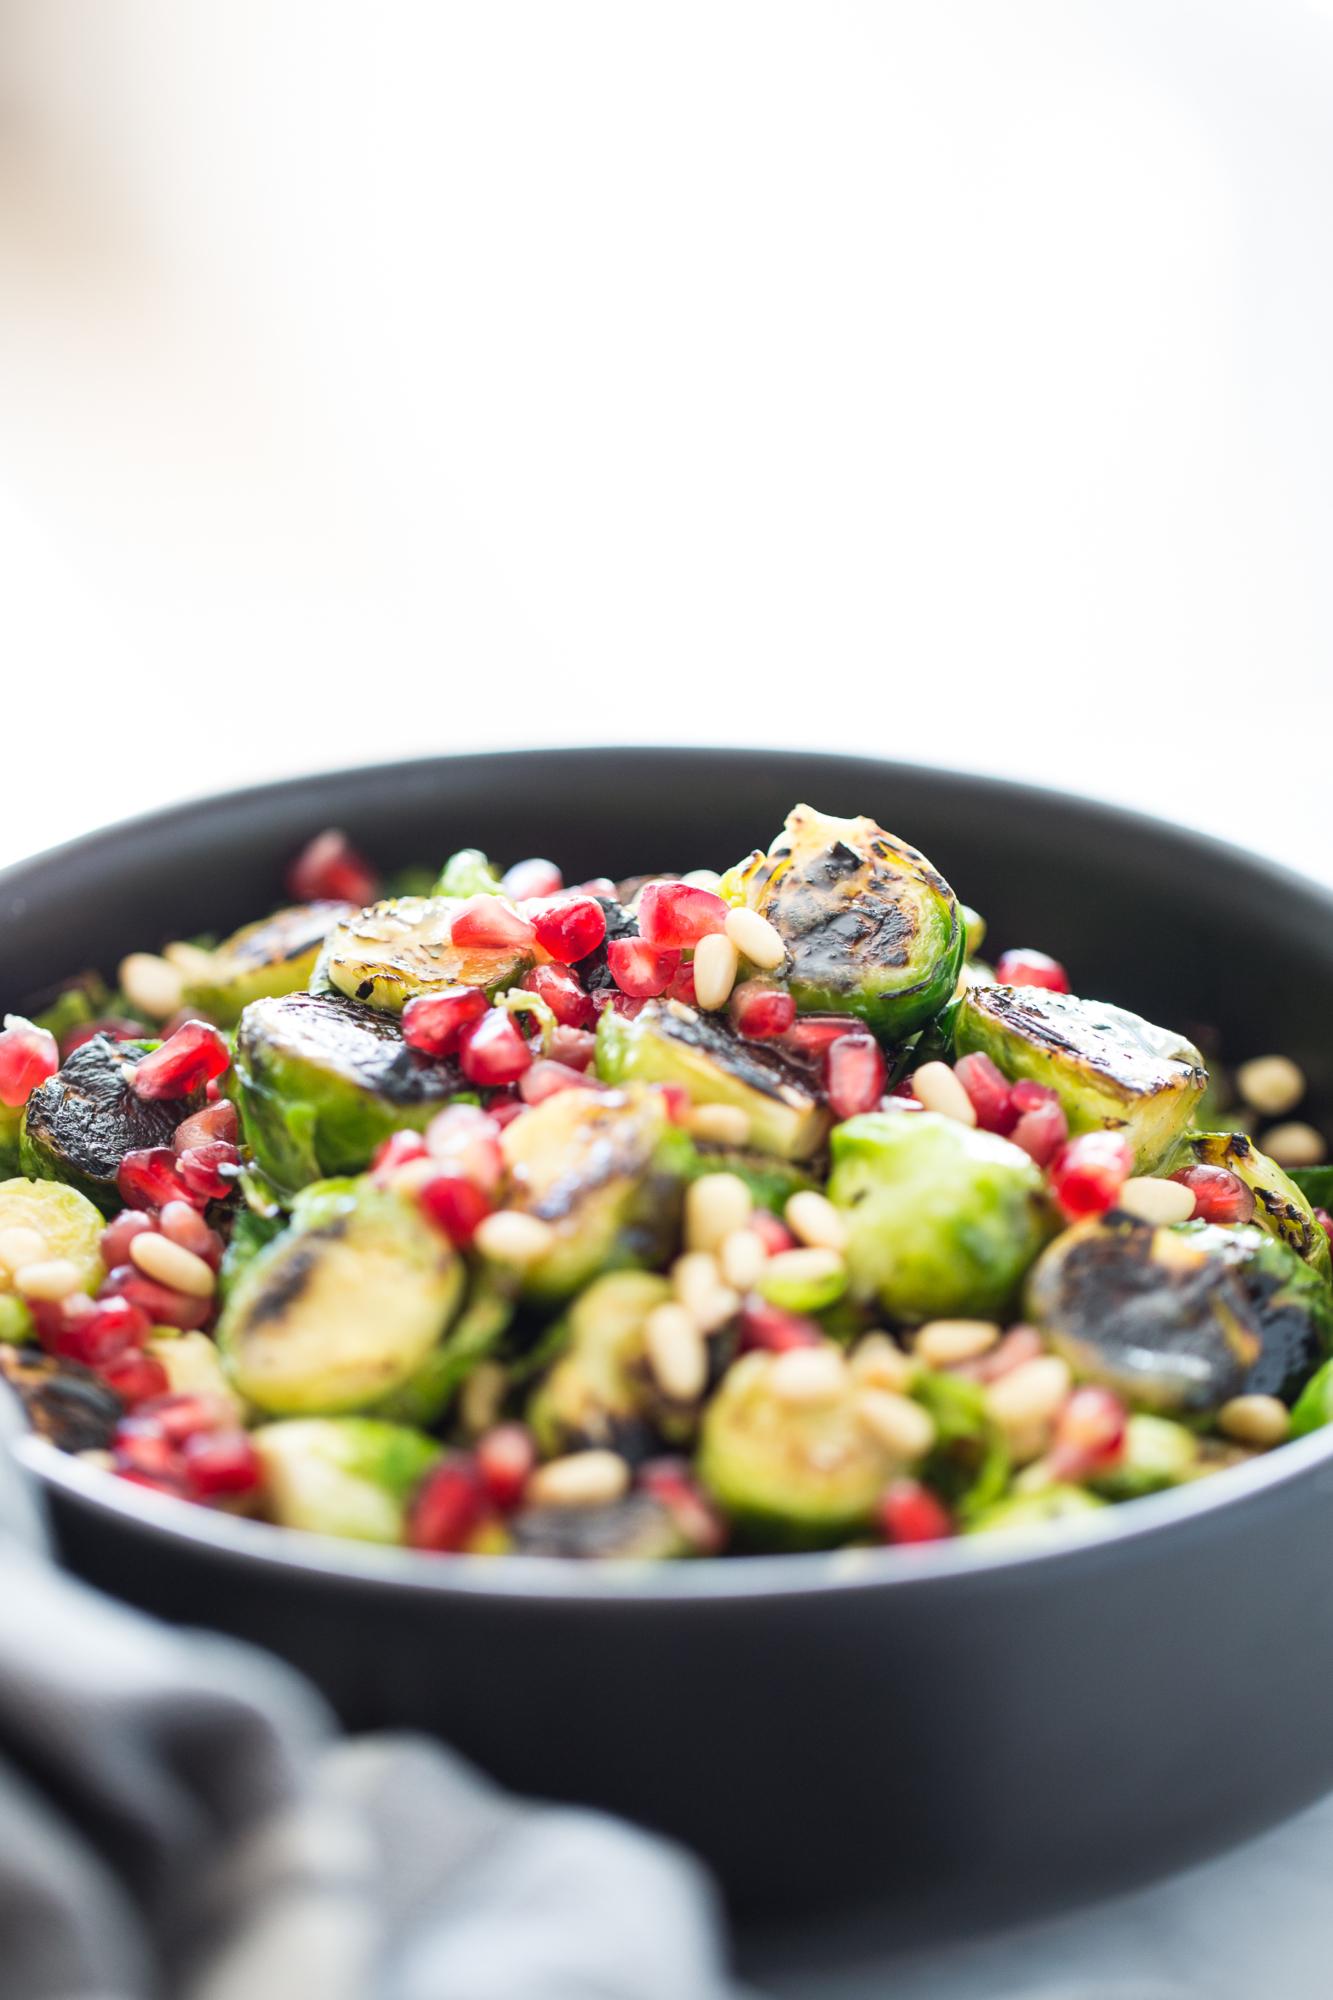 Ensalada de colecitas de Bruselas rostizadas con aderezo de miel de agave y mostaza.Ensalada vegana perfecta para Thanksgiving.